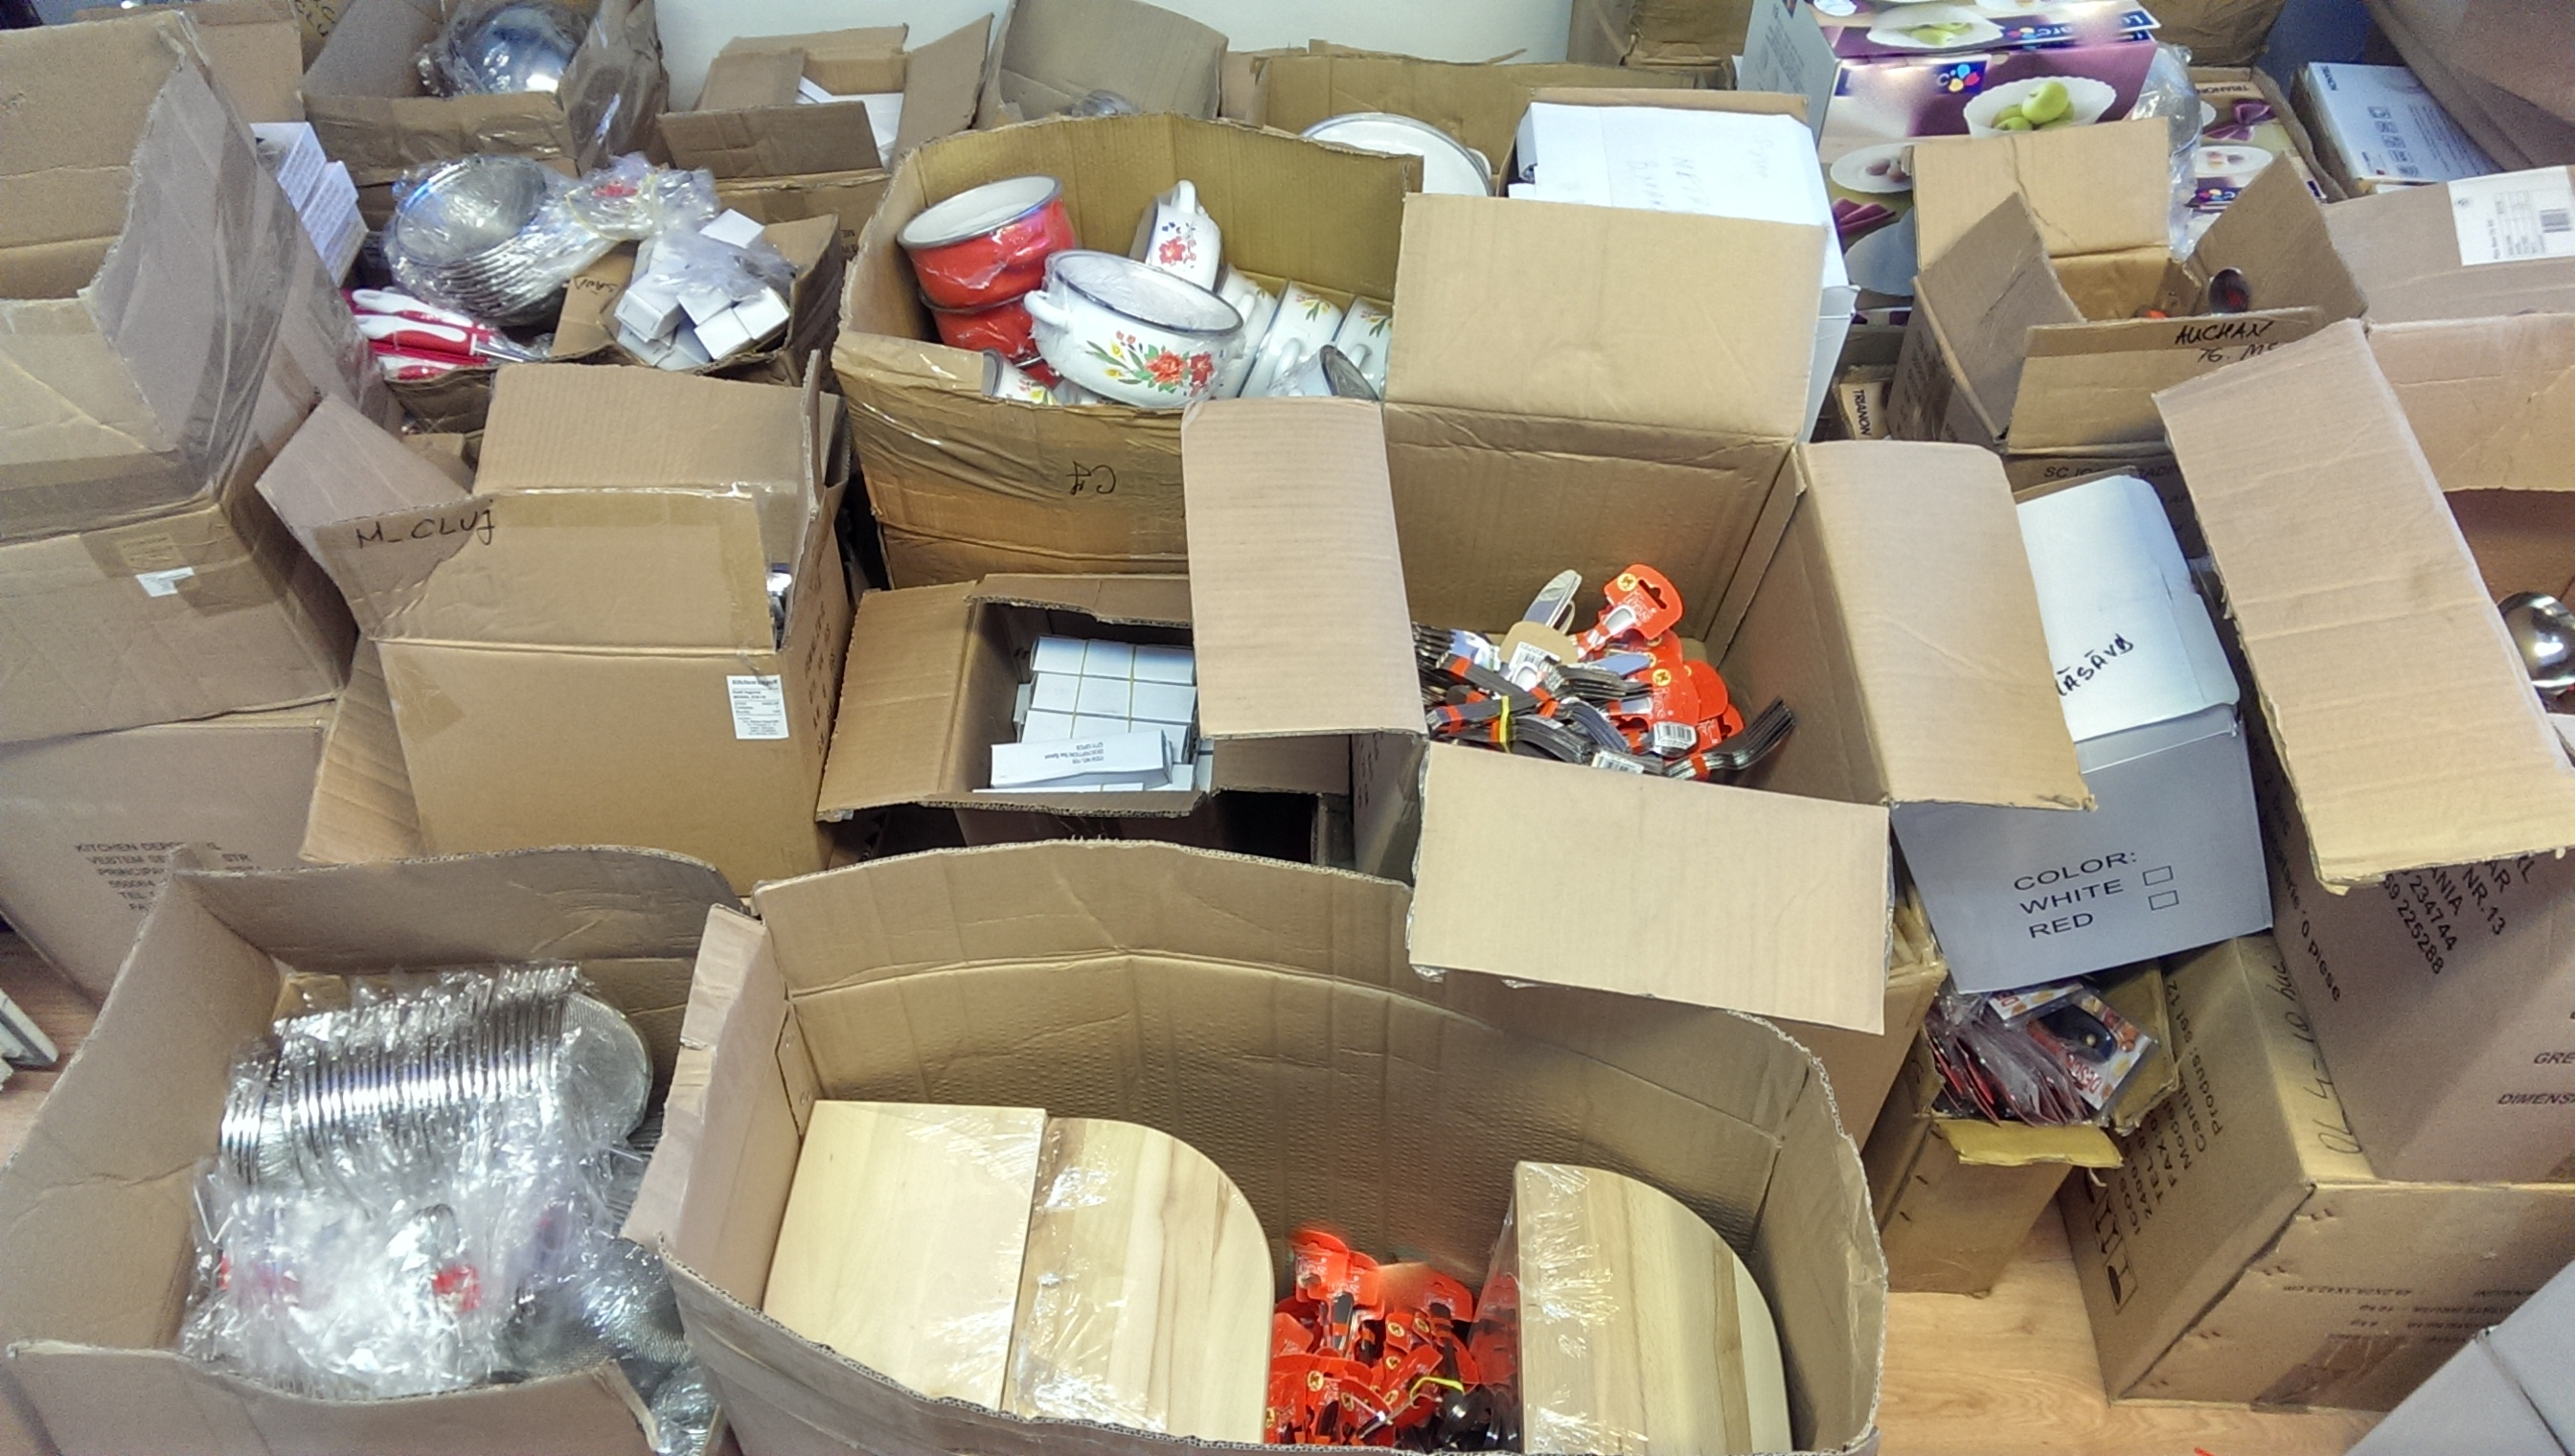 Peste 8.000 de obiecte de uz casnic au confiscate de politisti in Floresti